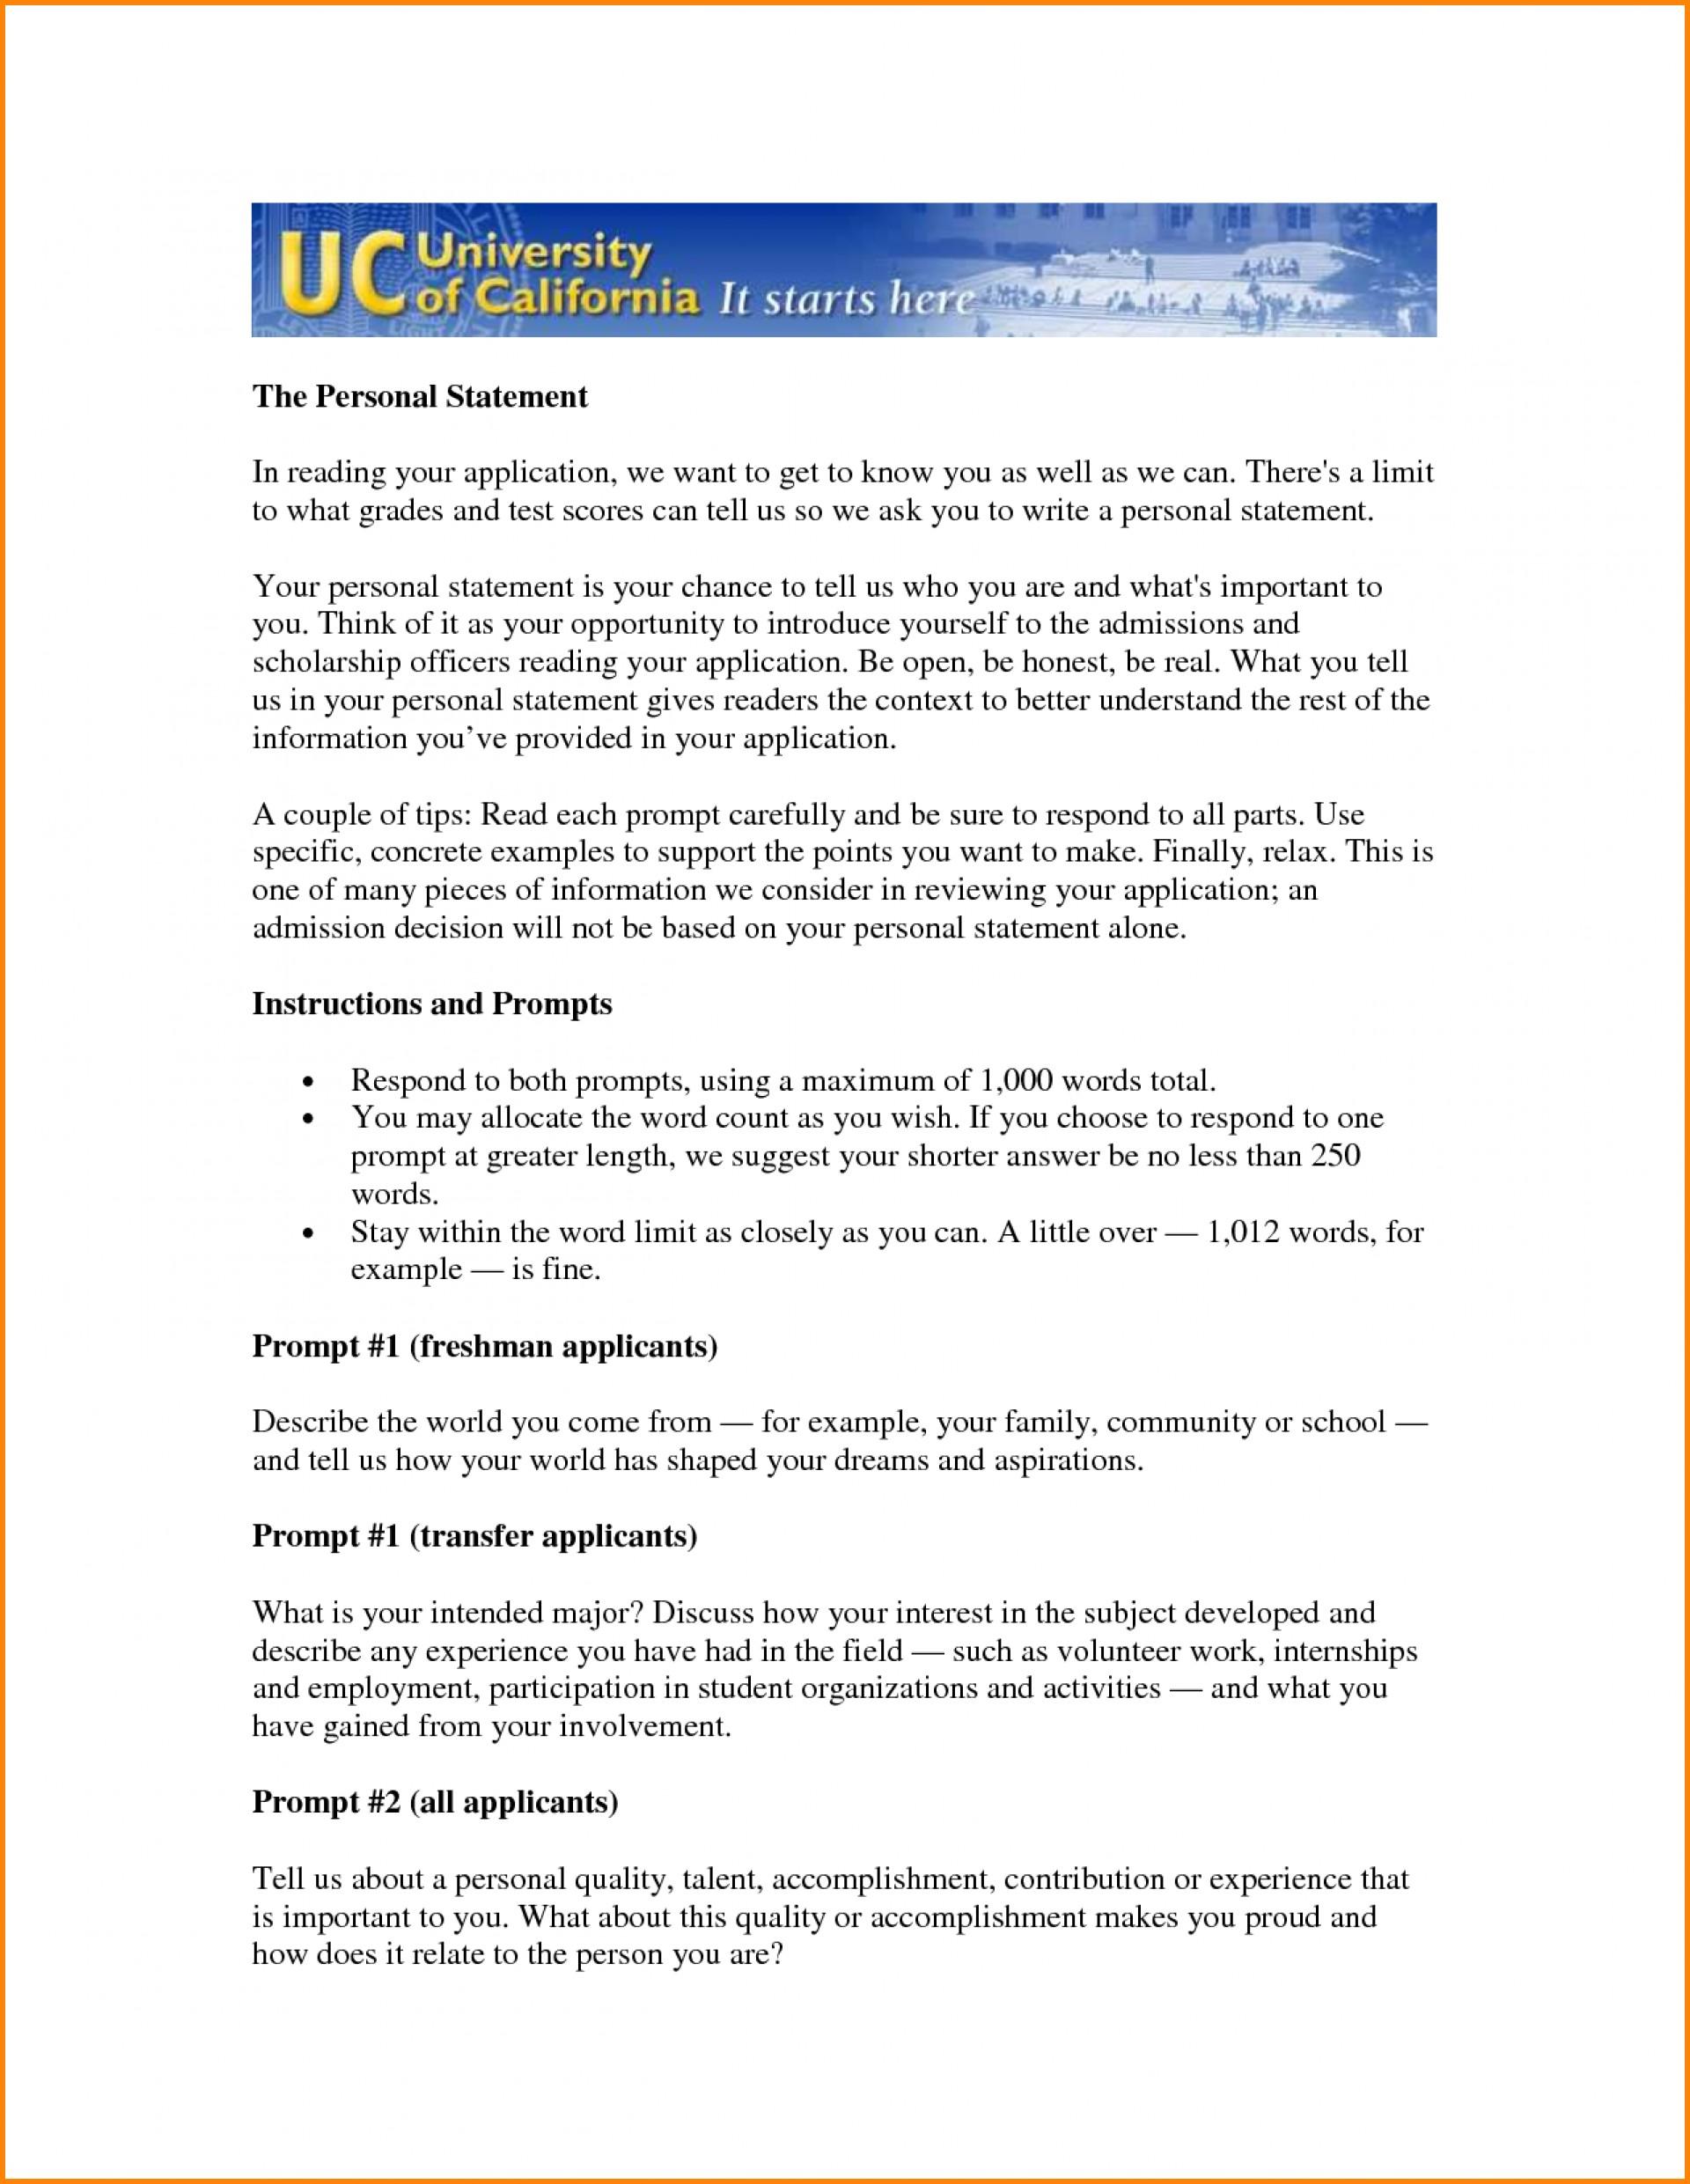 016 Uc Essay Prompt Application Prompts Davis College Personal Statement Guy Berkeleys Imposing 2015 2016-17 Examples Berkeley 1920